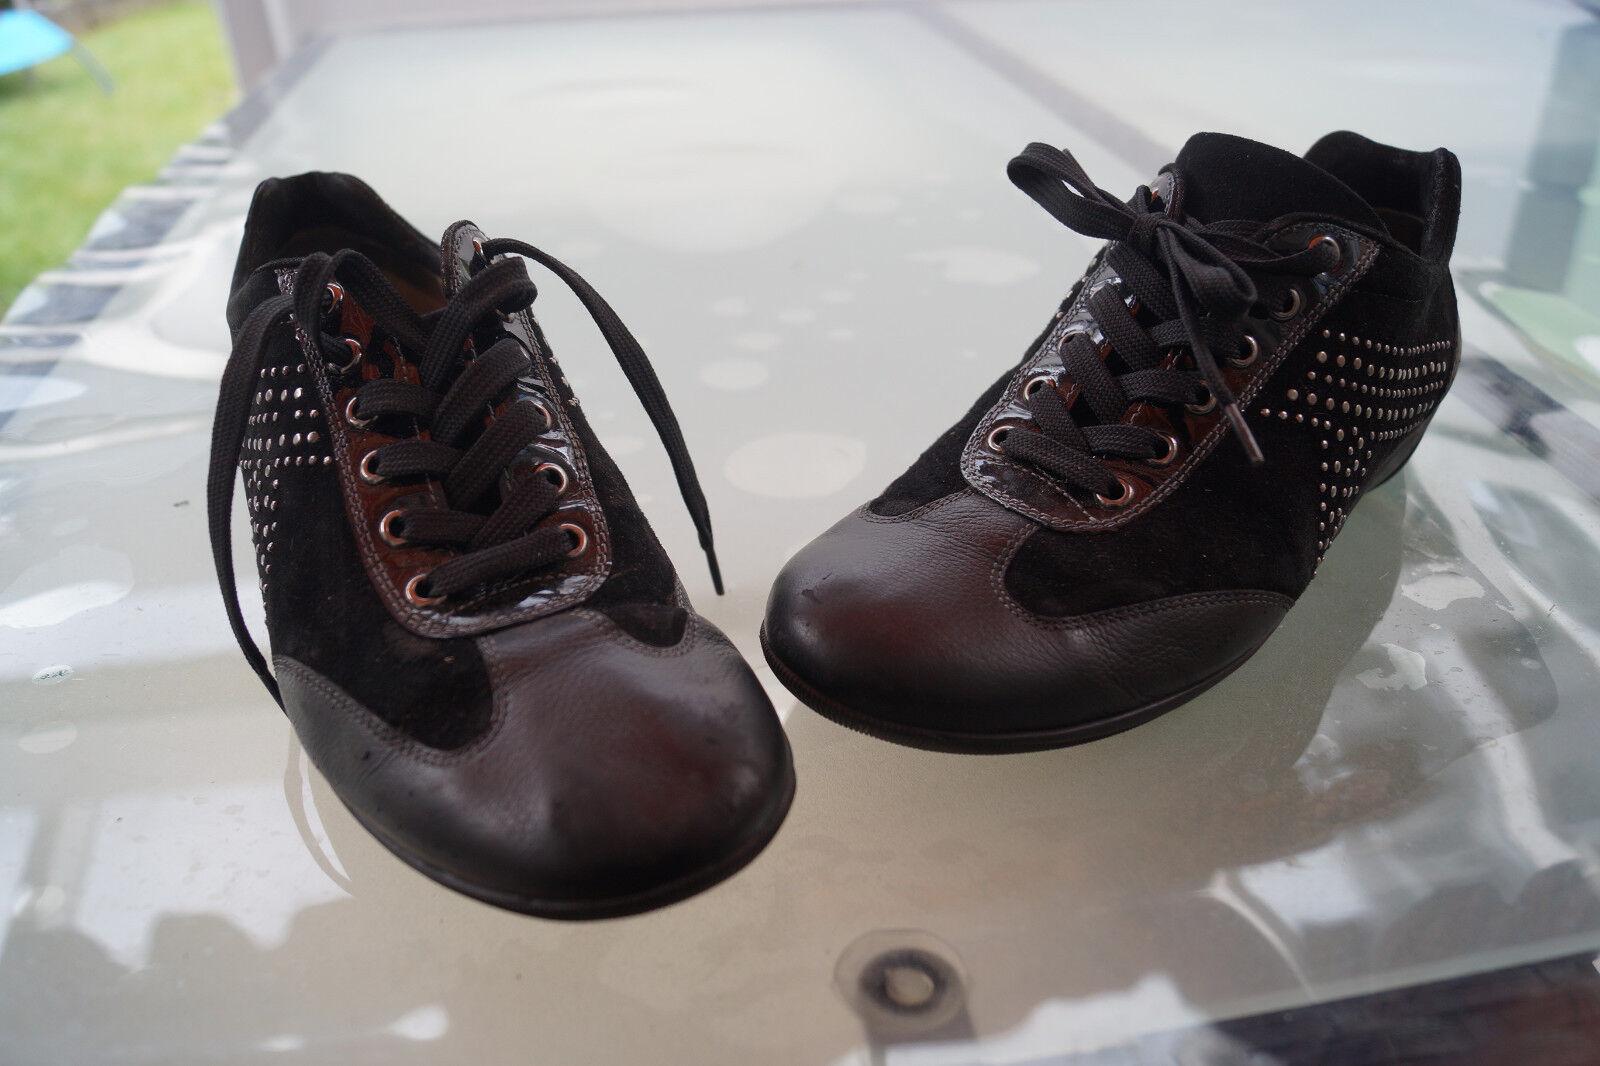 HASSIA Roma schnürer H Damen Comfort Schuhe schnürer Roma Leder Einlage Gr.6/ 39,5 schwarz #5k 2ed019